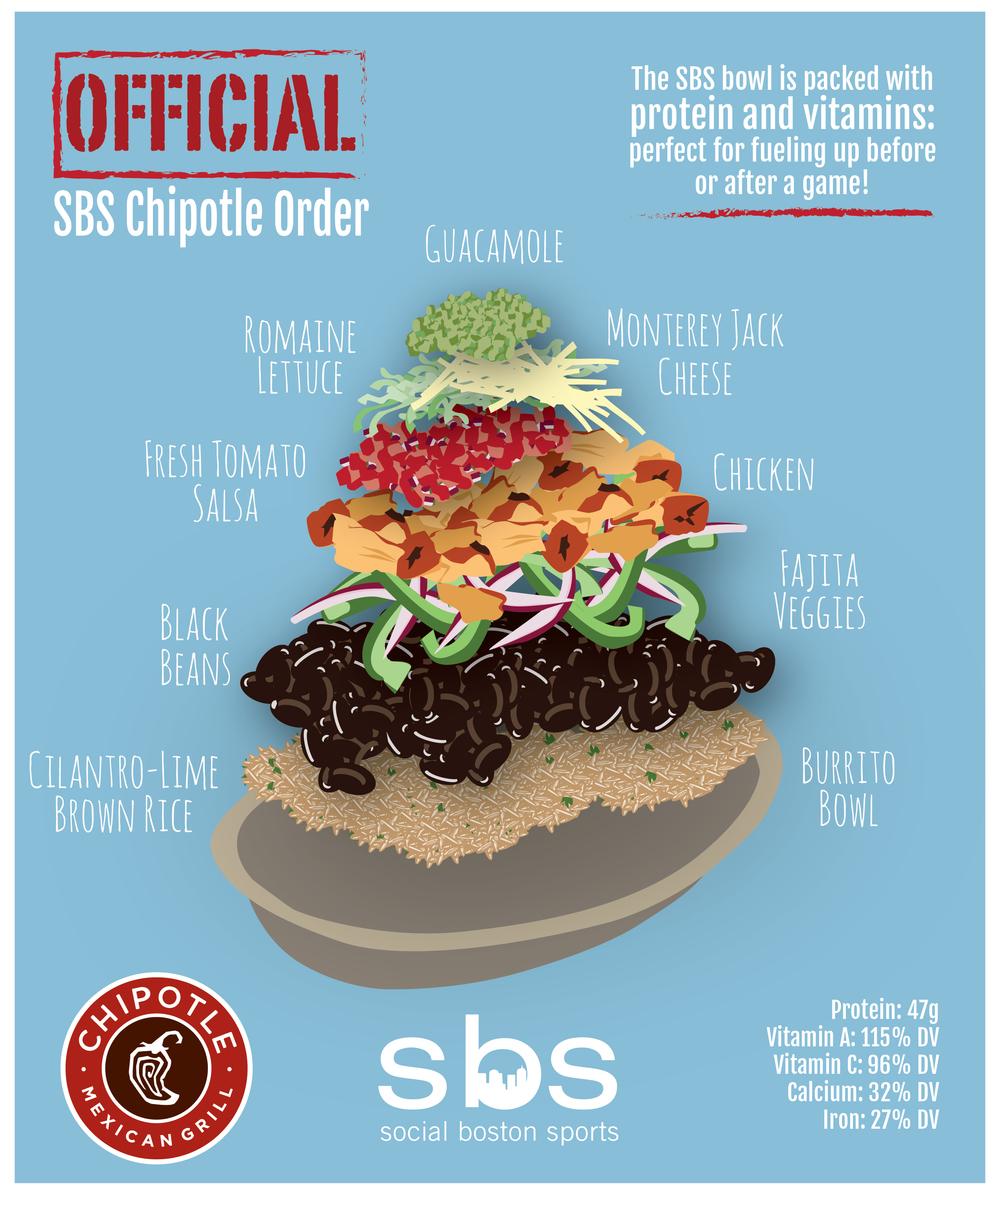 official_sbs_order-01.jpg